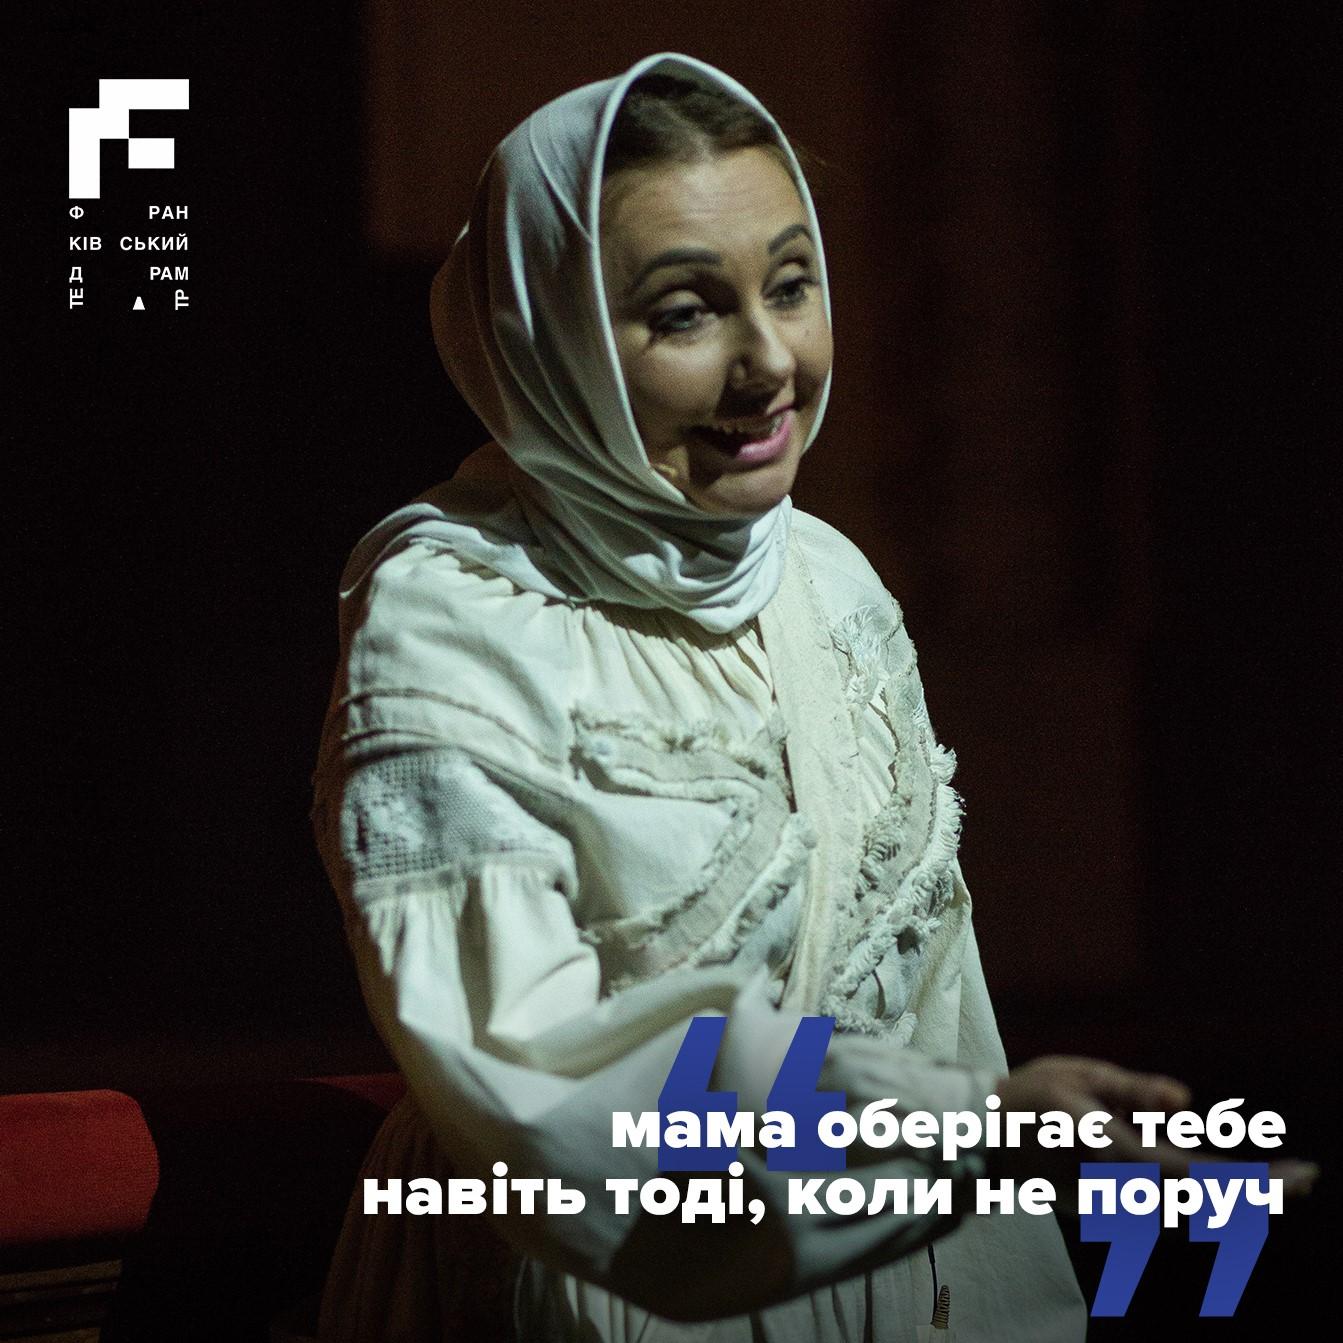 Актори Франківського драмтеатру записали зворушливе відео до Дня матері 8